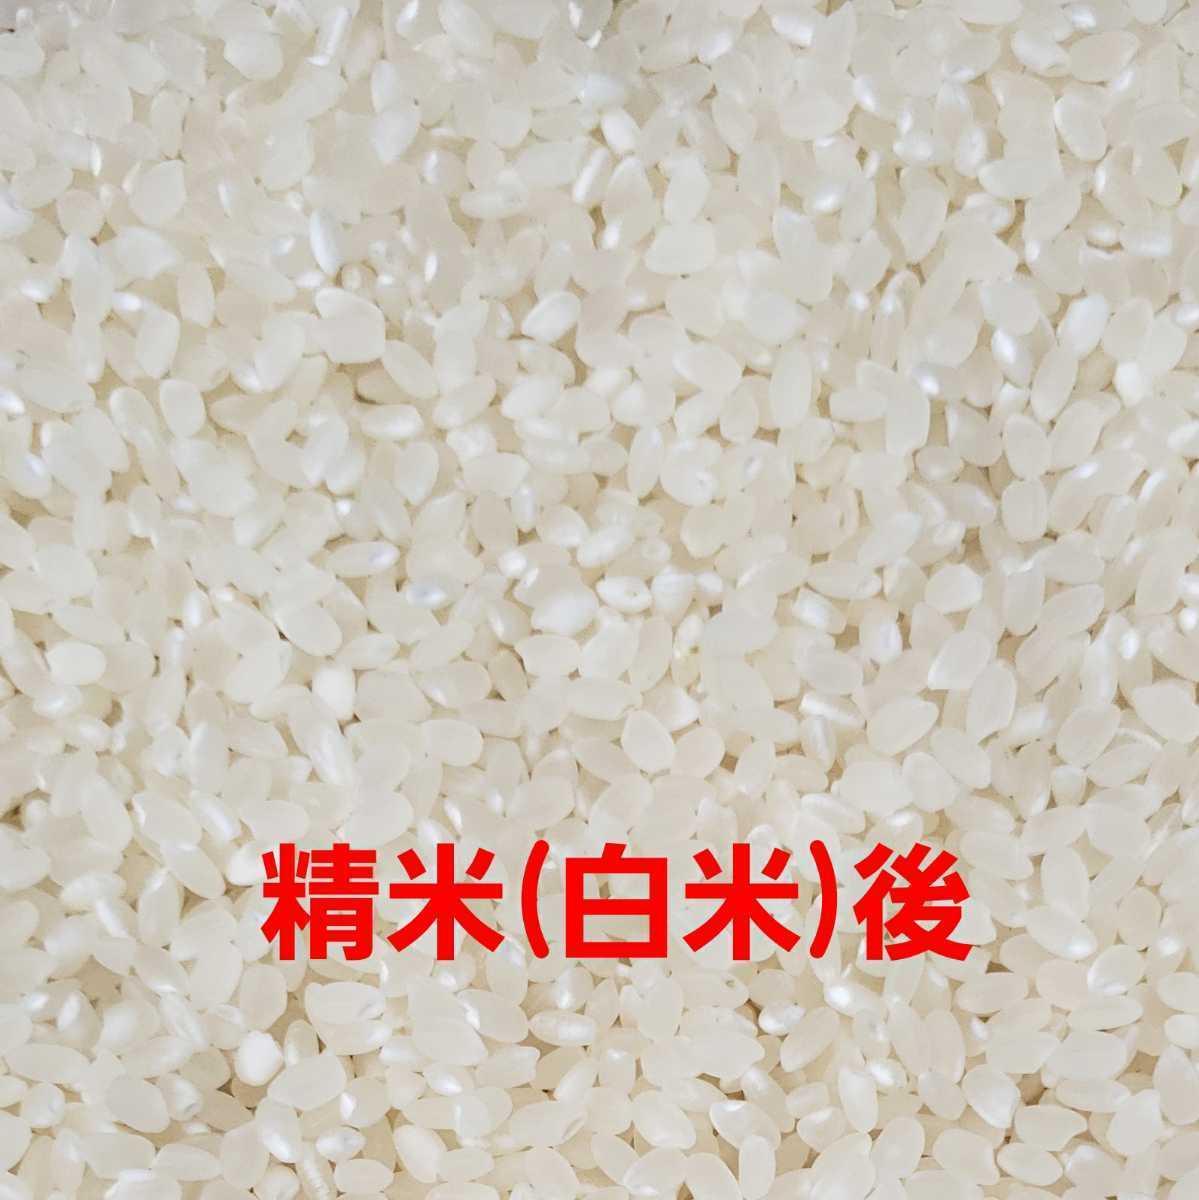 送料込み 令和3年産 高知県産 コシヒカリ玄米10㎏(袋込み)_画像6